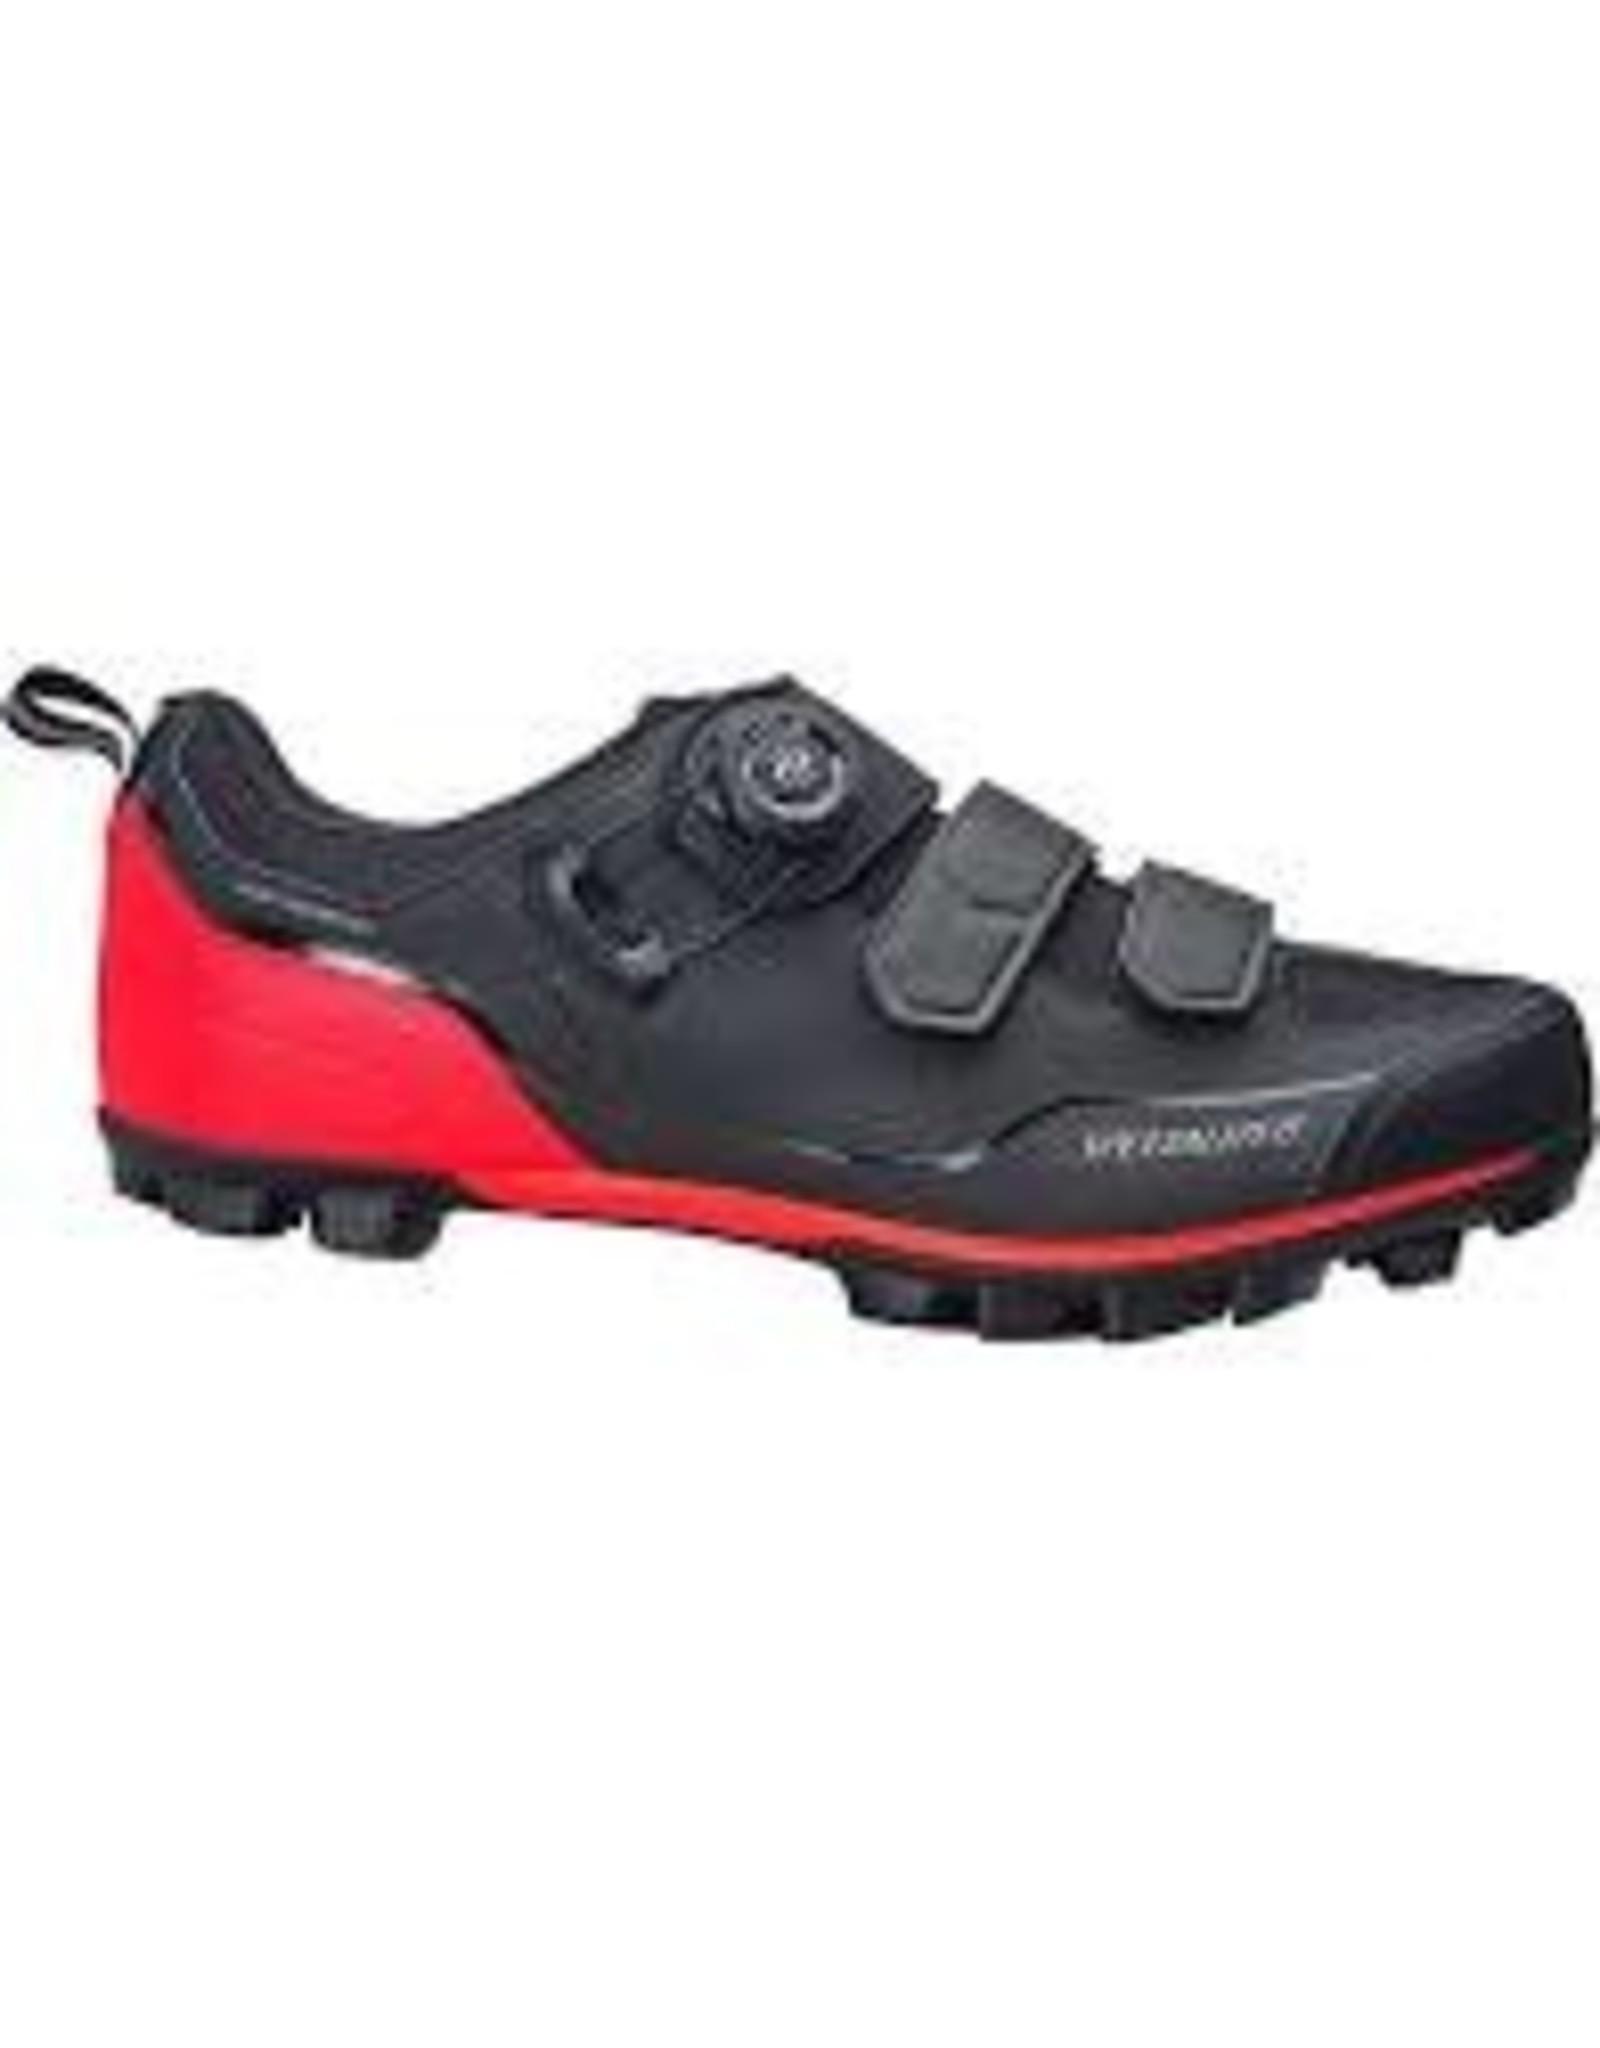 Specialized Shoe Spec Comp MTB 37 Blk/Acd Lava